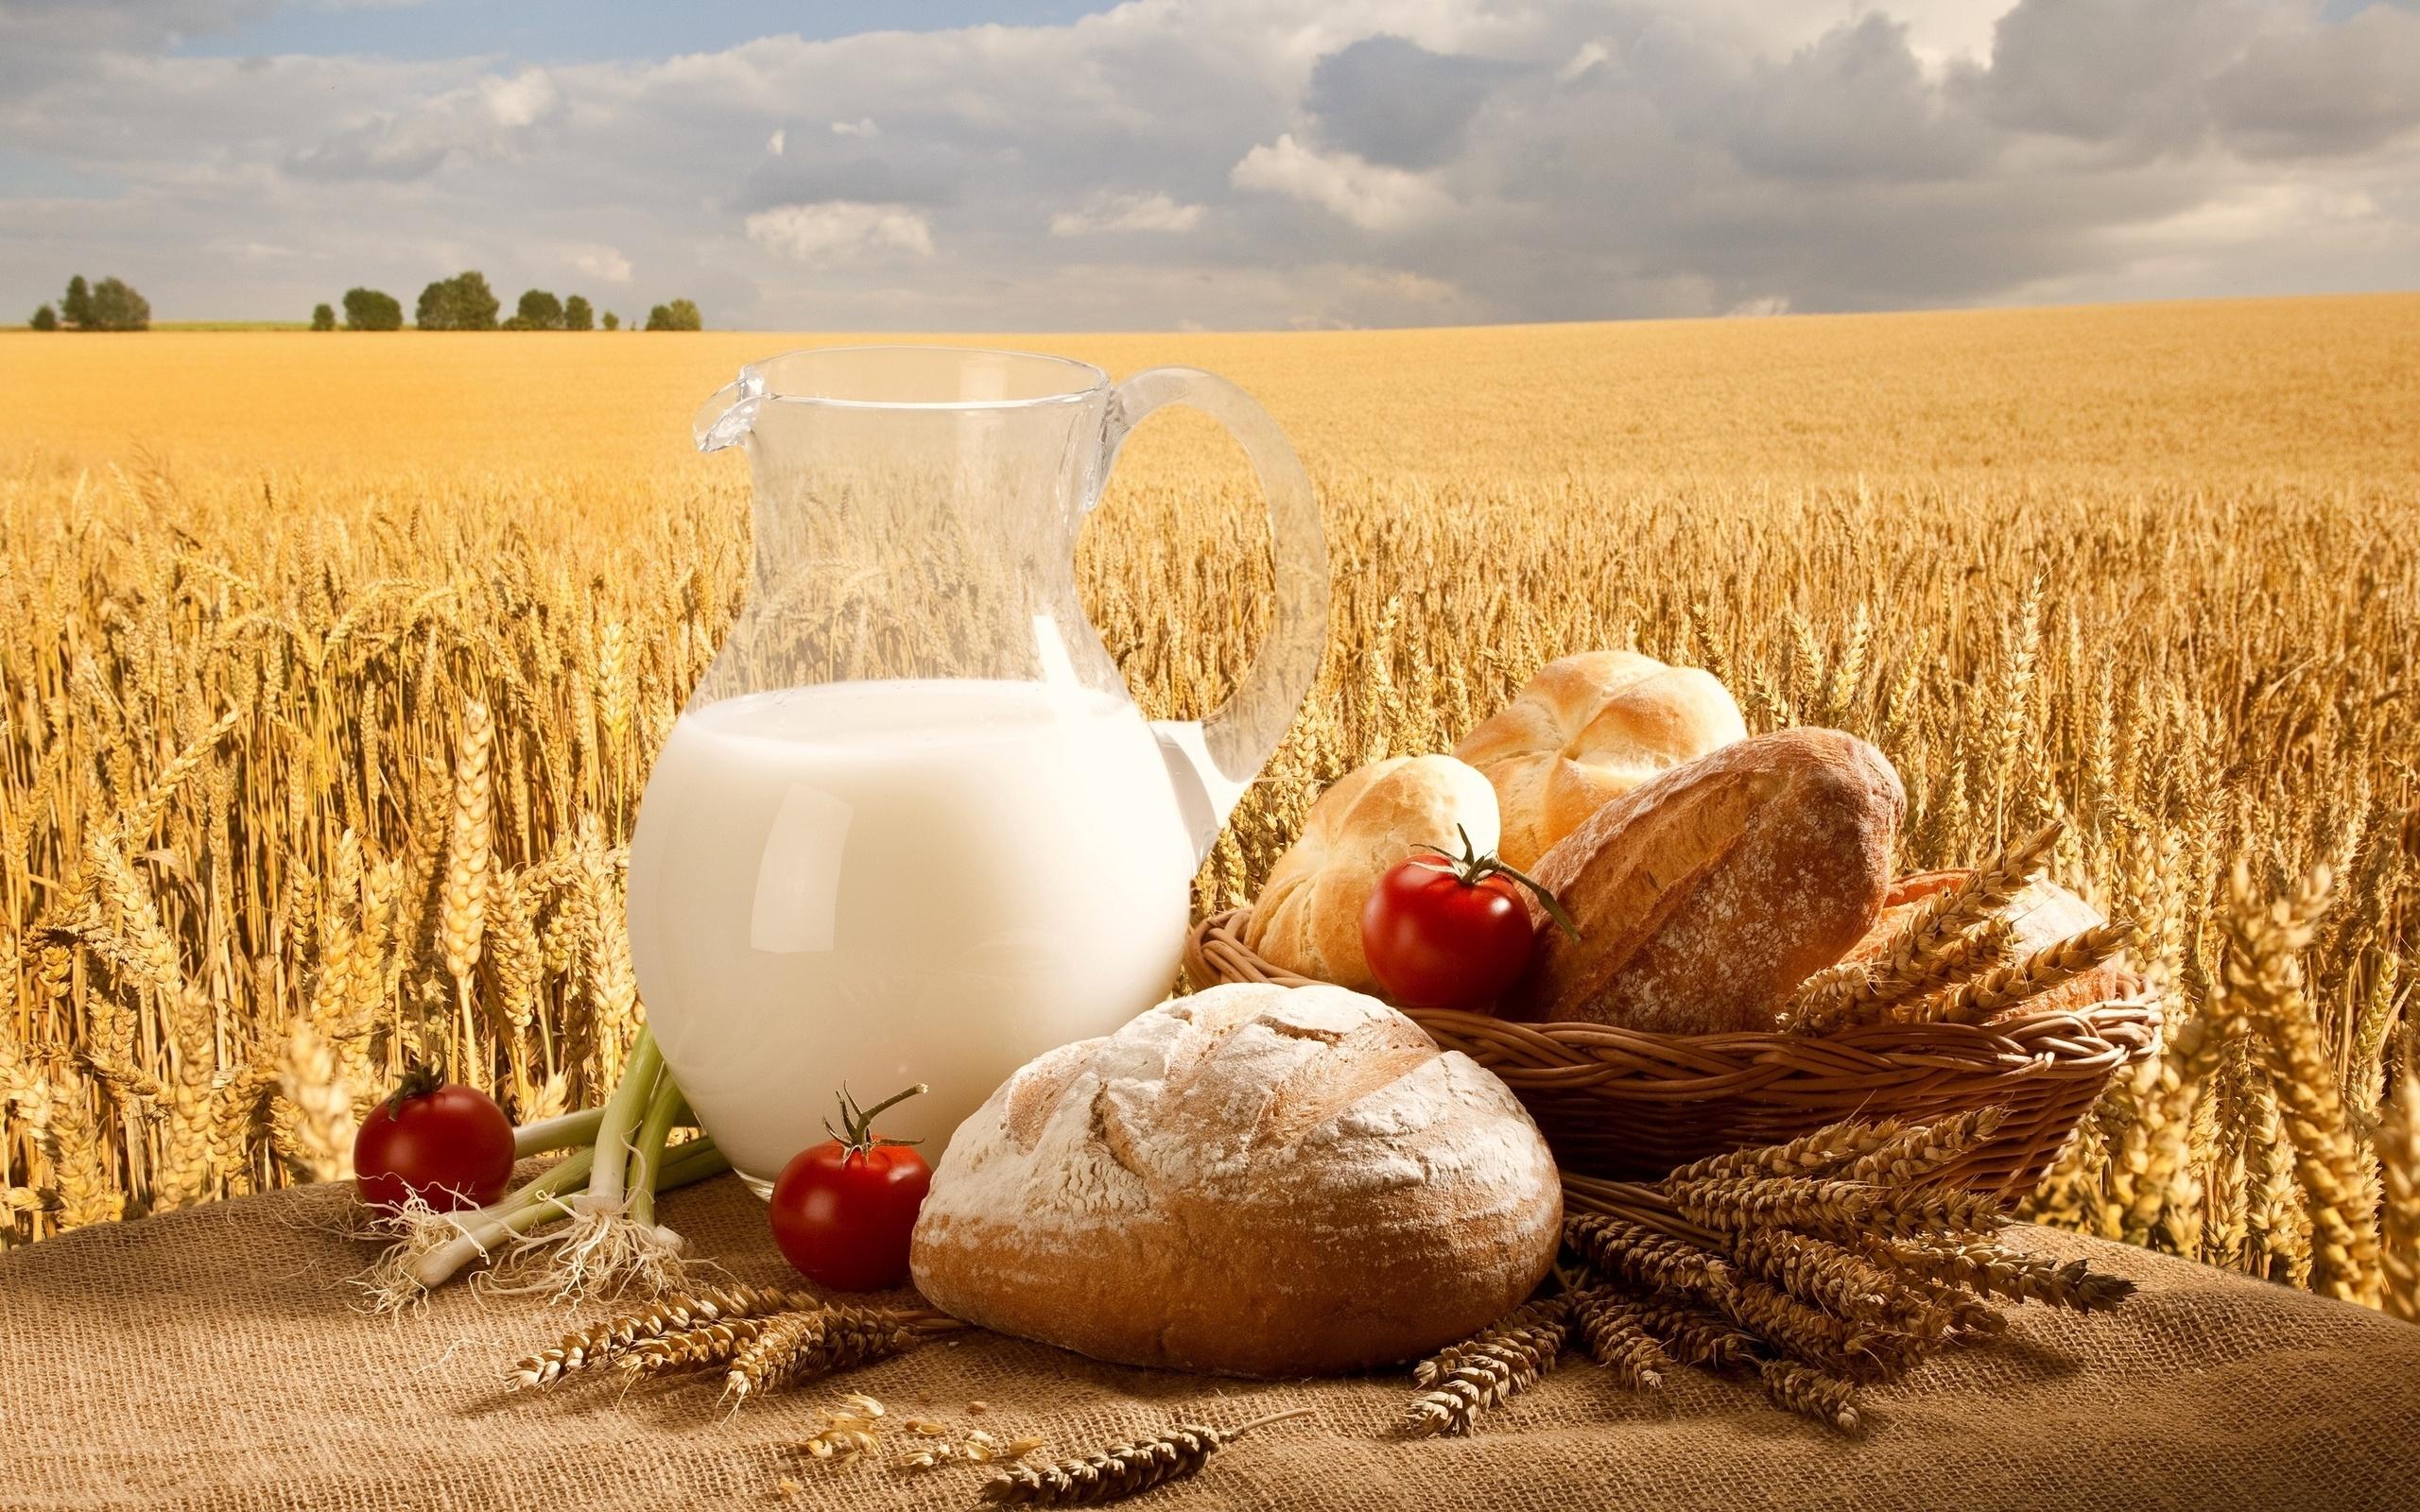 Картинки сельского хозяйства, добрым